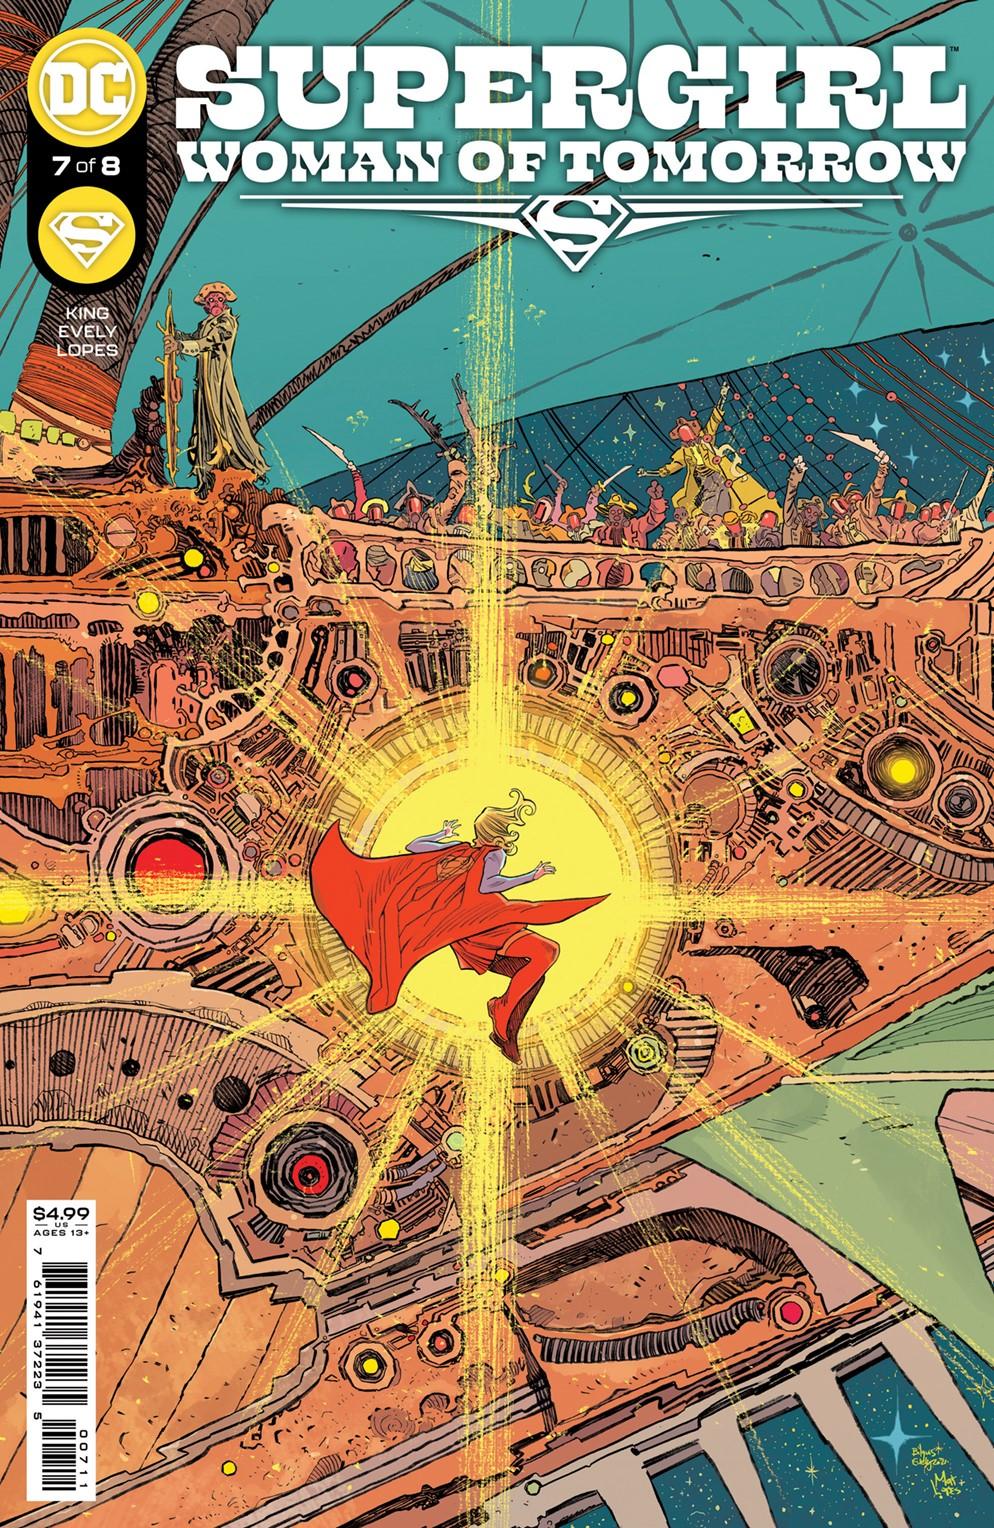 SGWOT_Cv7 DC Comics December 2021 Solicitations